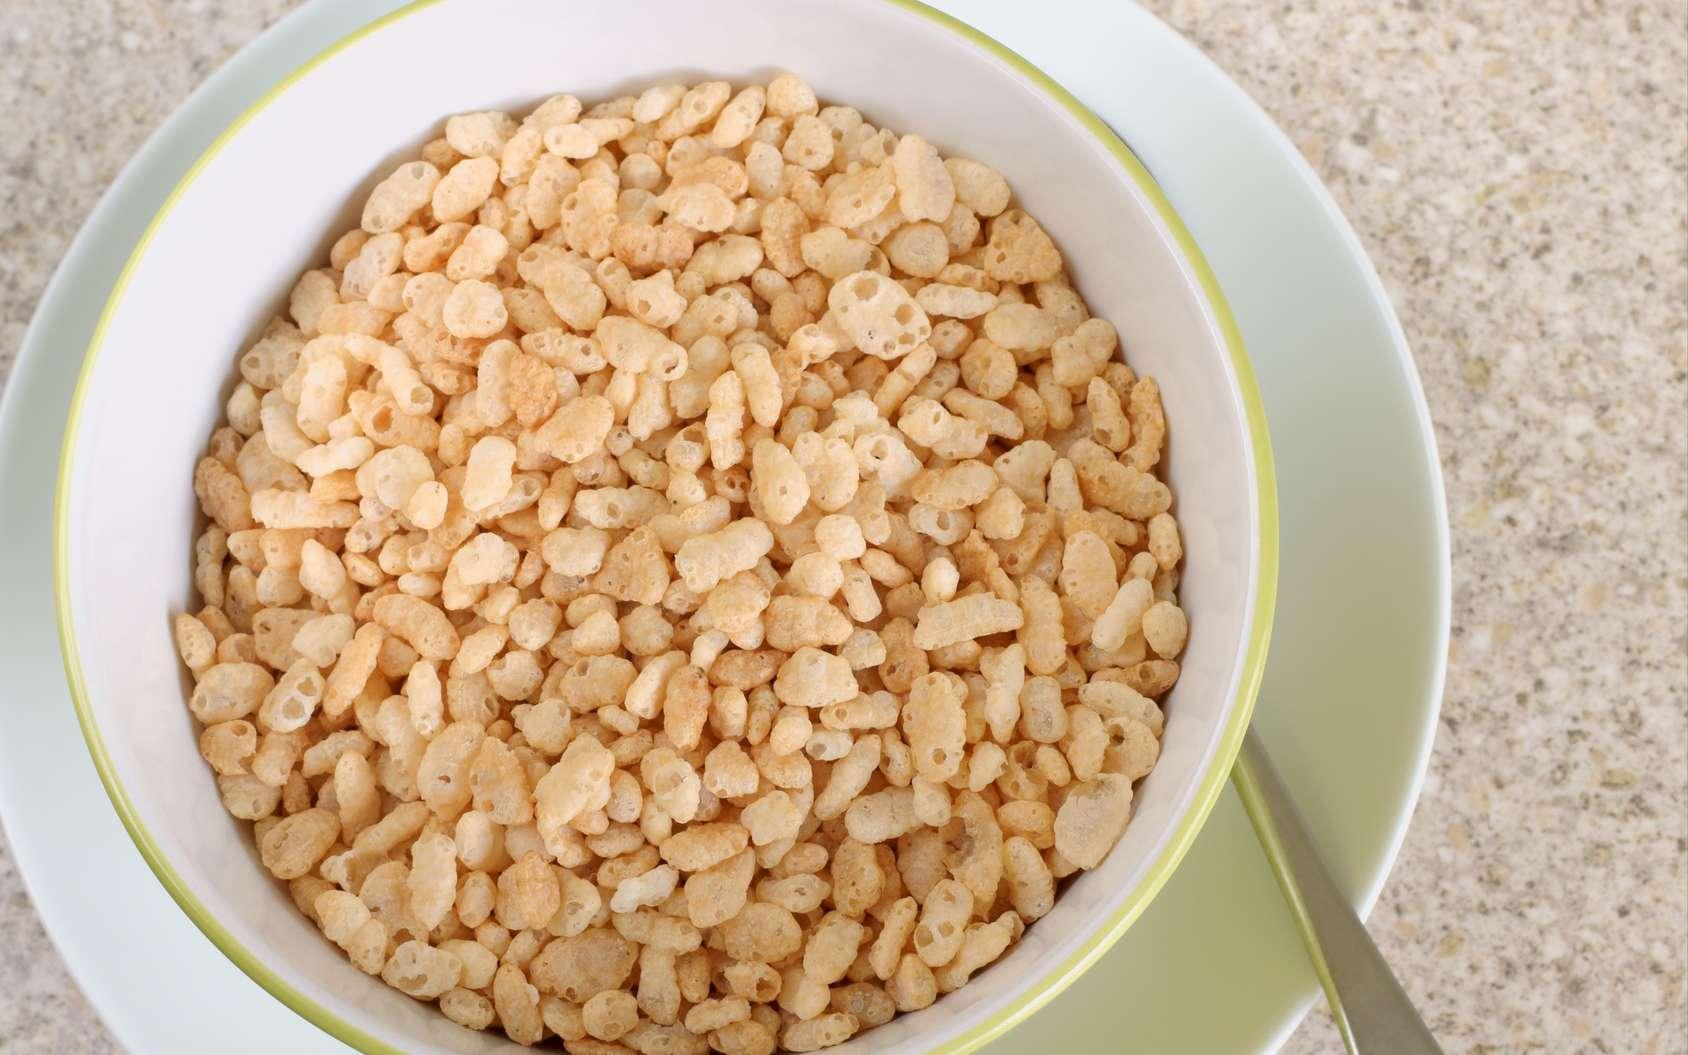 Étudier la banquise grâce aux céréales de petit déjeuner. © David Pimborough, Fotolia